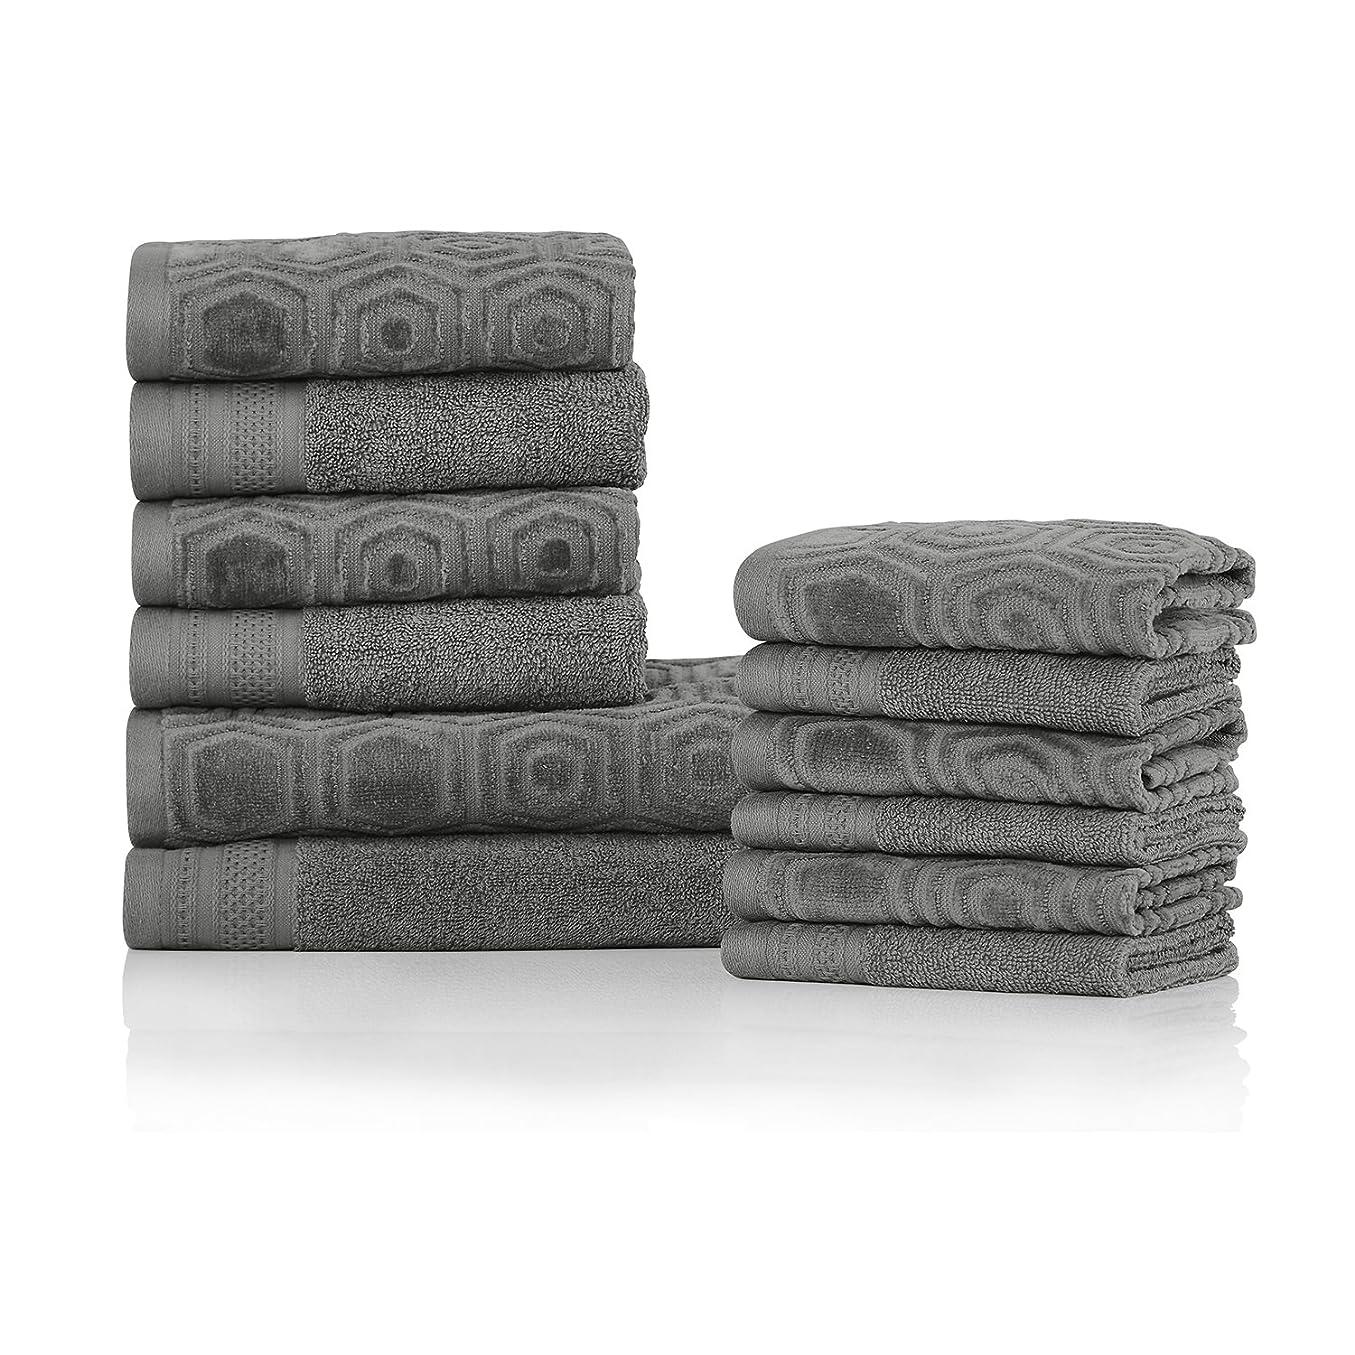 五ダイエット振り向くブルーナイルMills 100?%上質コットンハニカム12?pc Jacquard andソリッドタオルセット Bath Towel Set ブルー BNM 500GSM HNYCMB 12PC JAQ-SOL GM